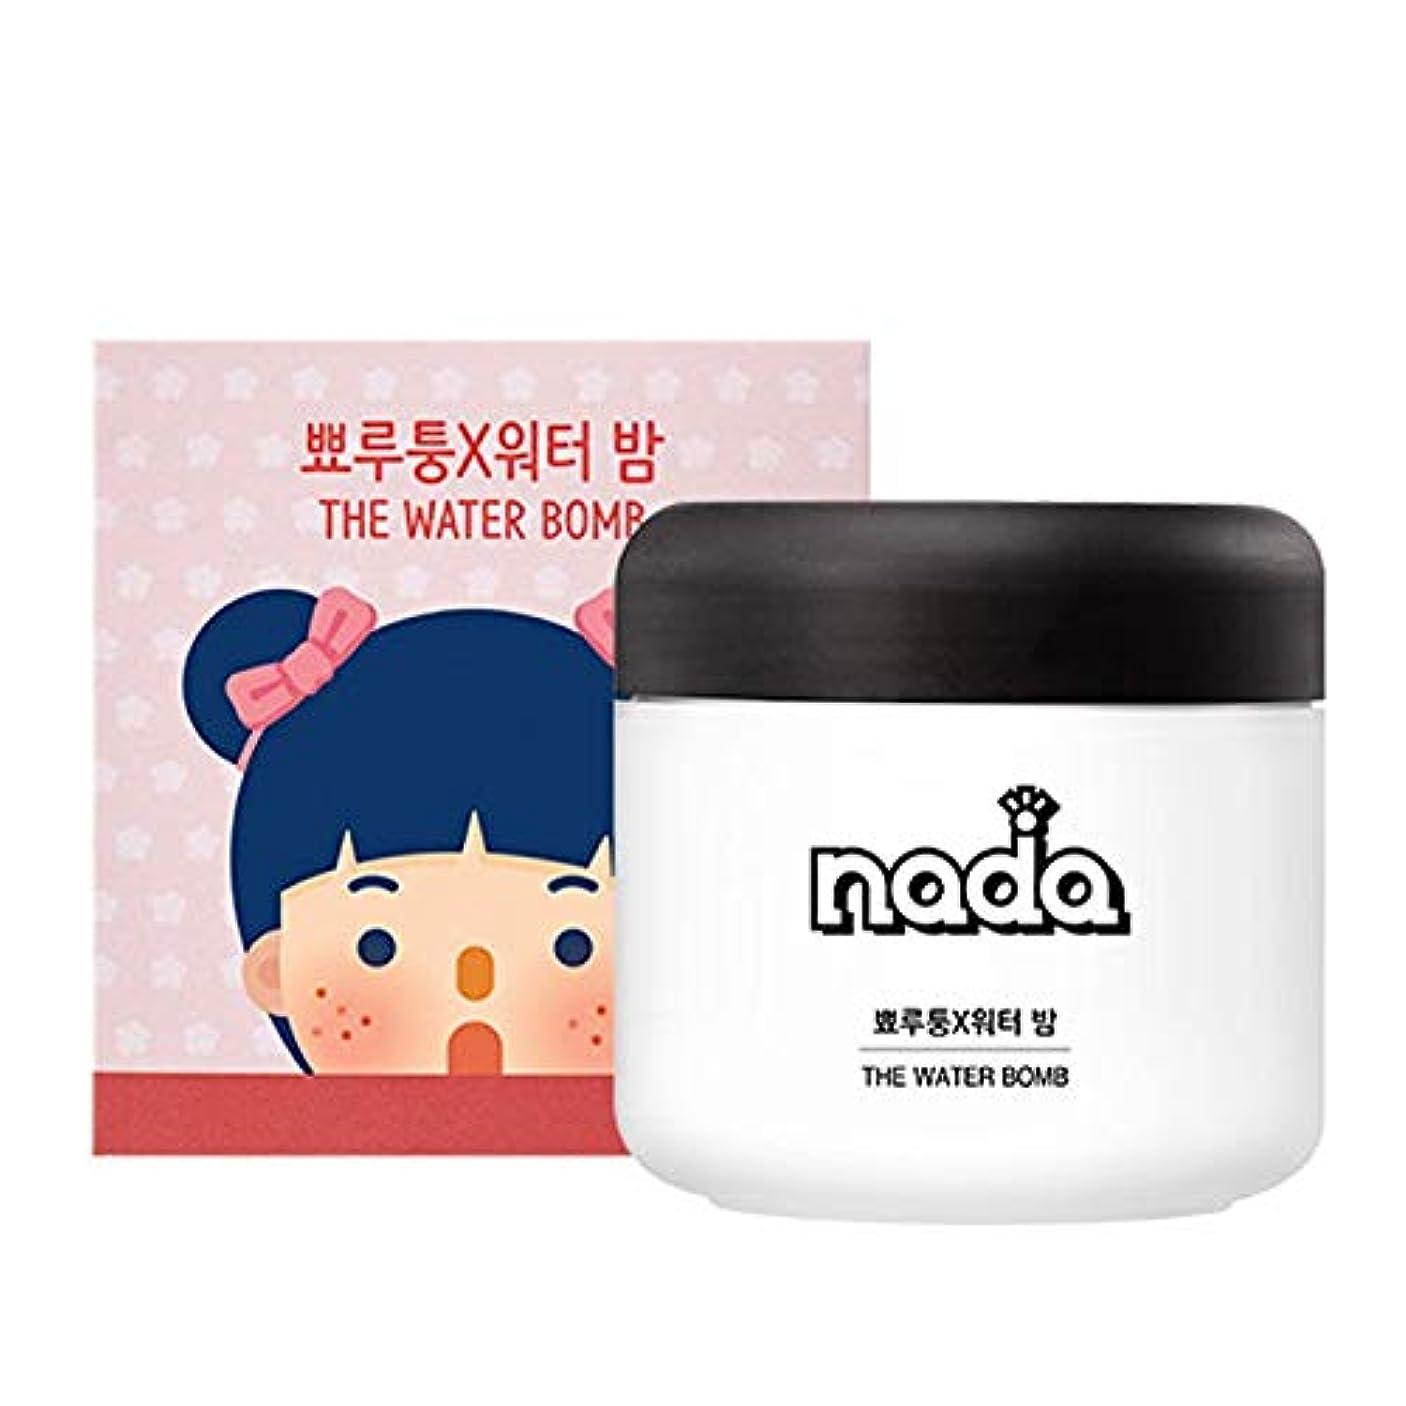 インサート飽和する比喩BEST韓国水爆弾50グラムモイスチャライジングフェイスクリームケア寧アンチリンクル化粧品NADA